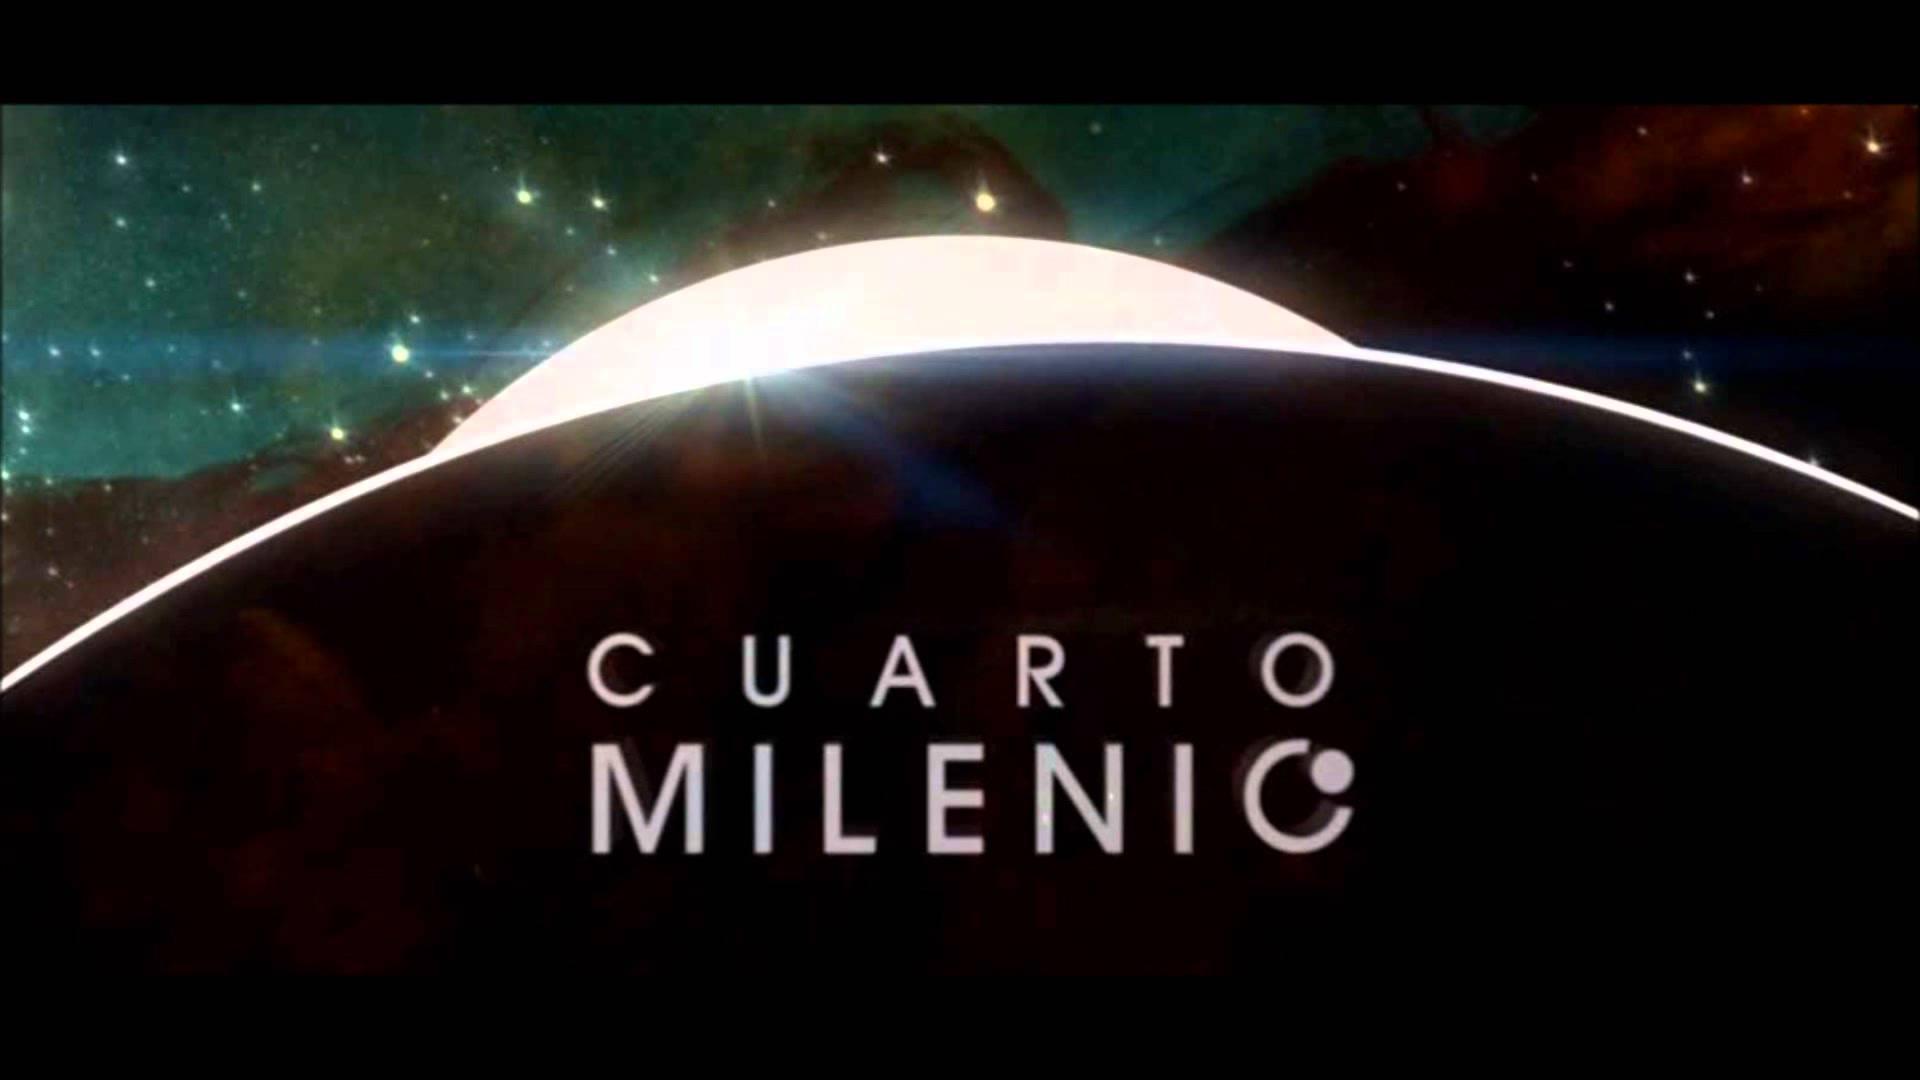 Los secretos y misterios de 39 cuarto milenio 39 en valencia Exposicion cuarto milenio en valencia